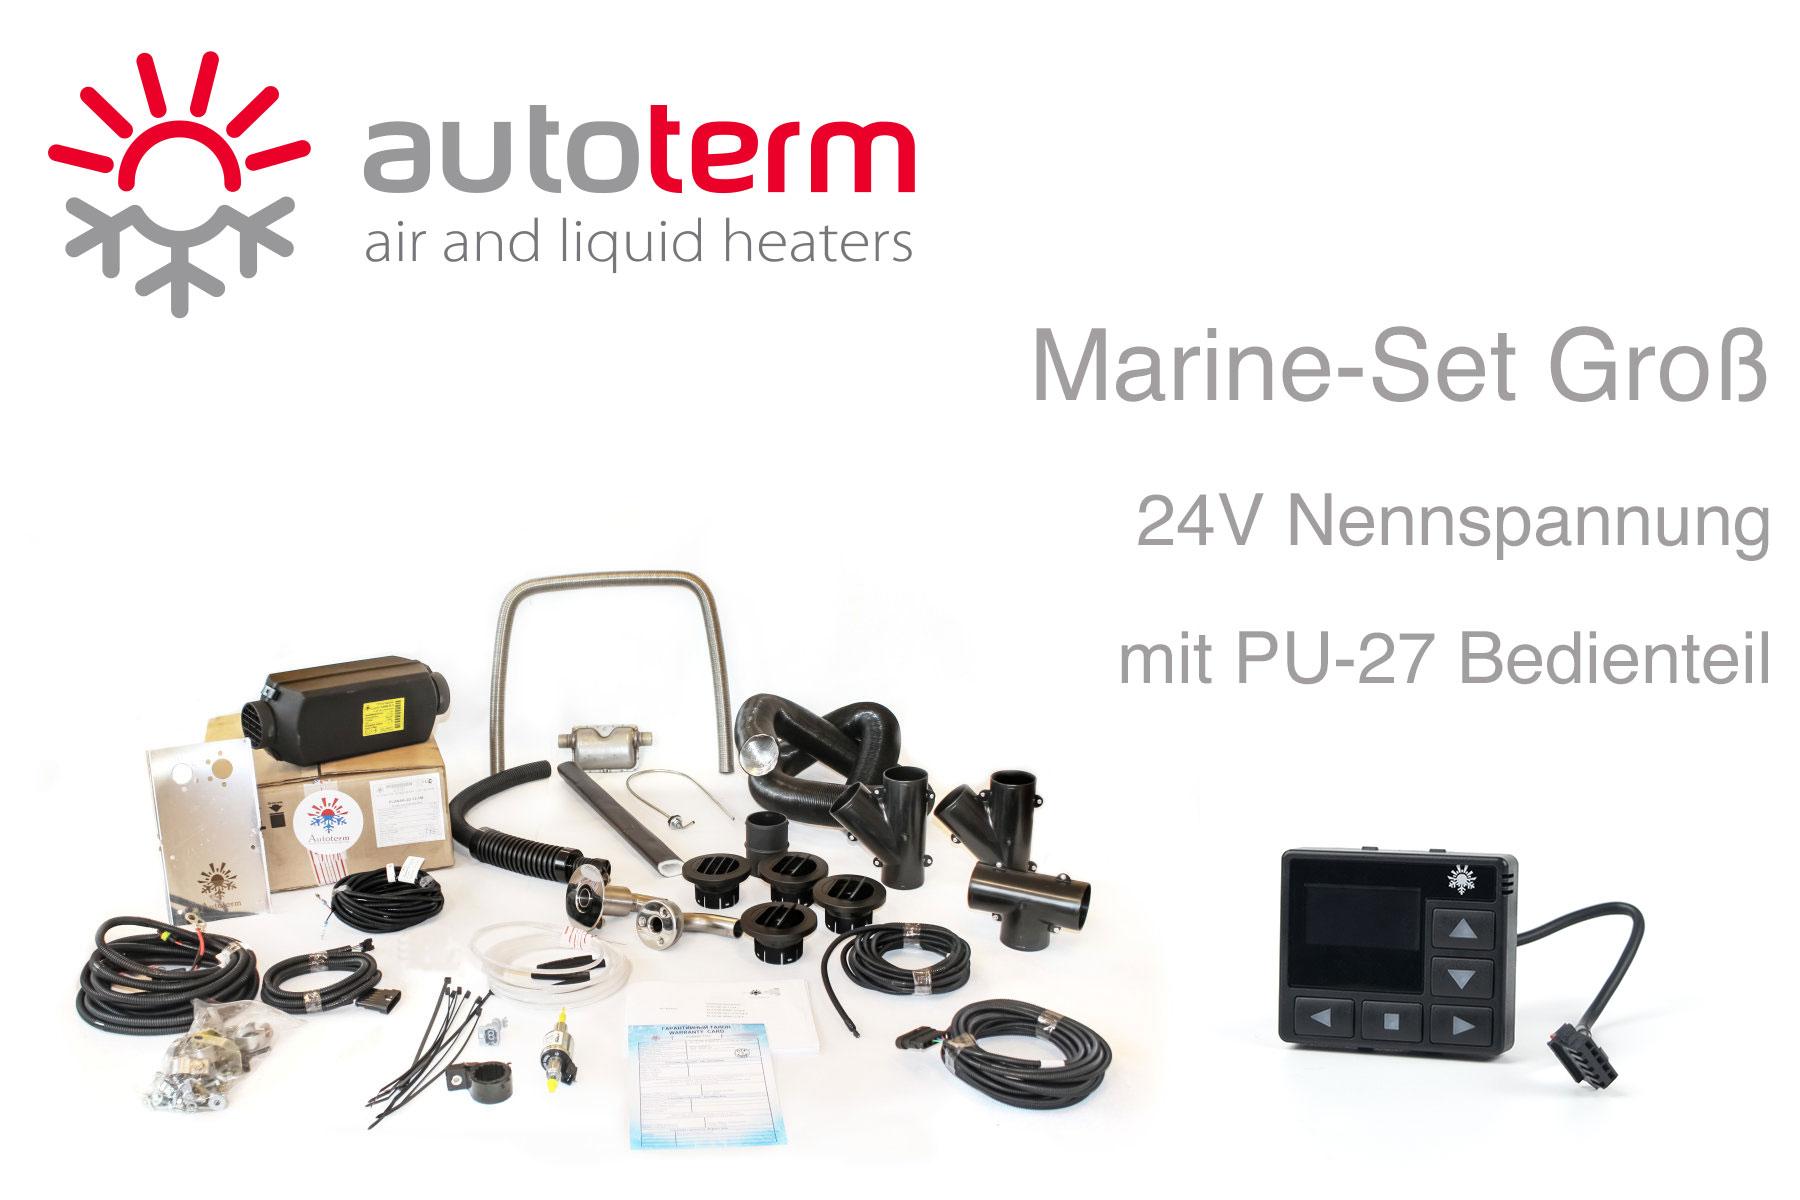 Autoterm Air 2D Diesel Warmluftheizung Marine Set Groß, 24V, PU-27 Bedienteil